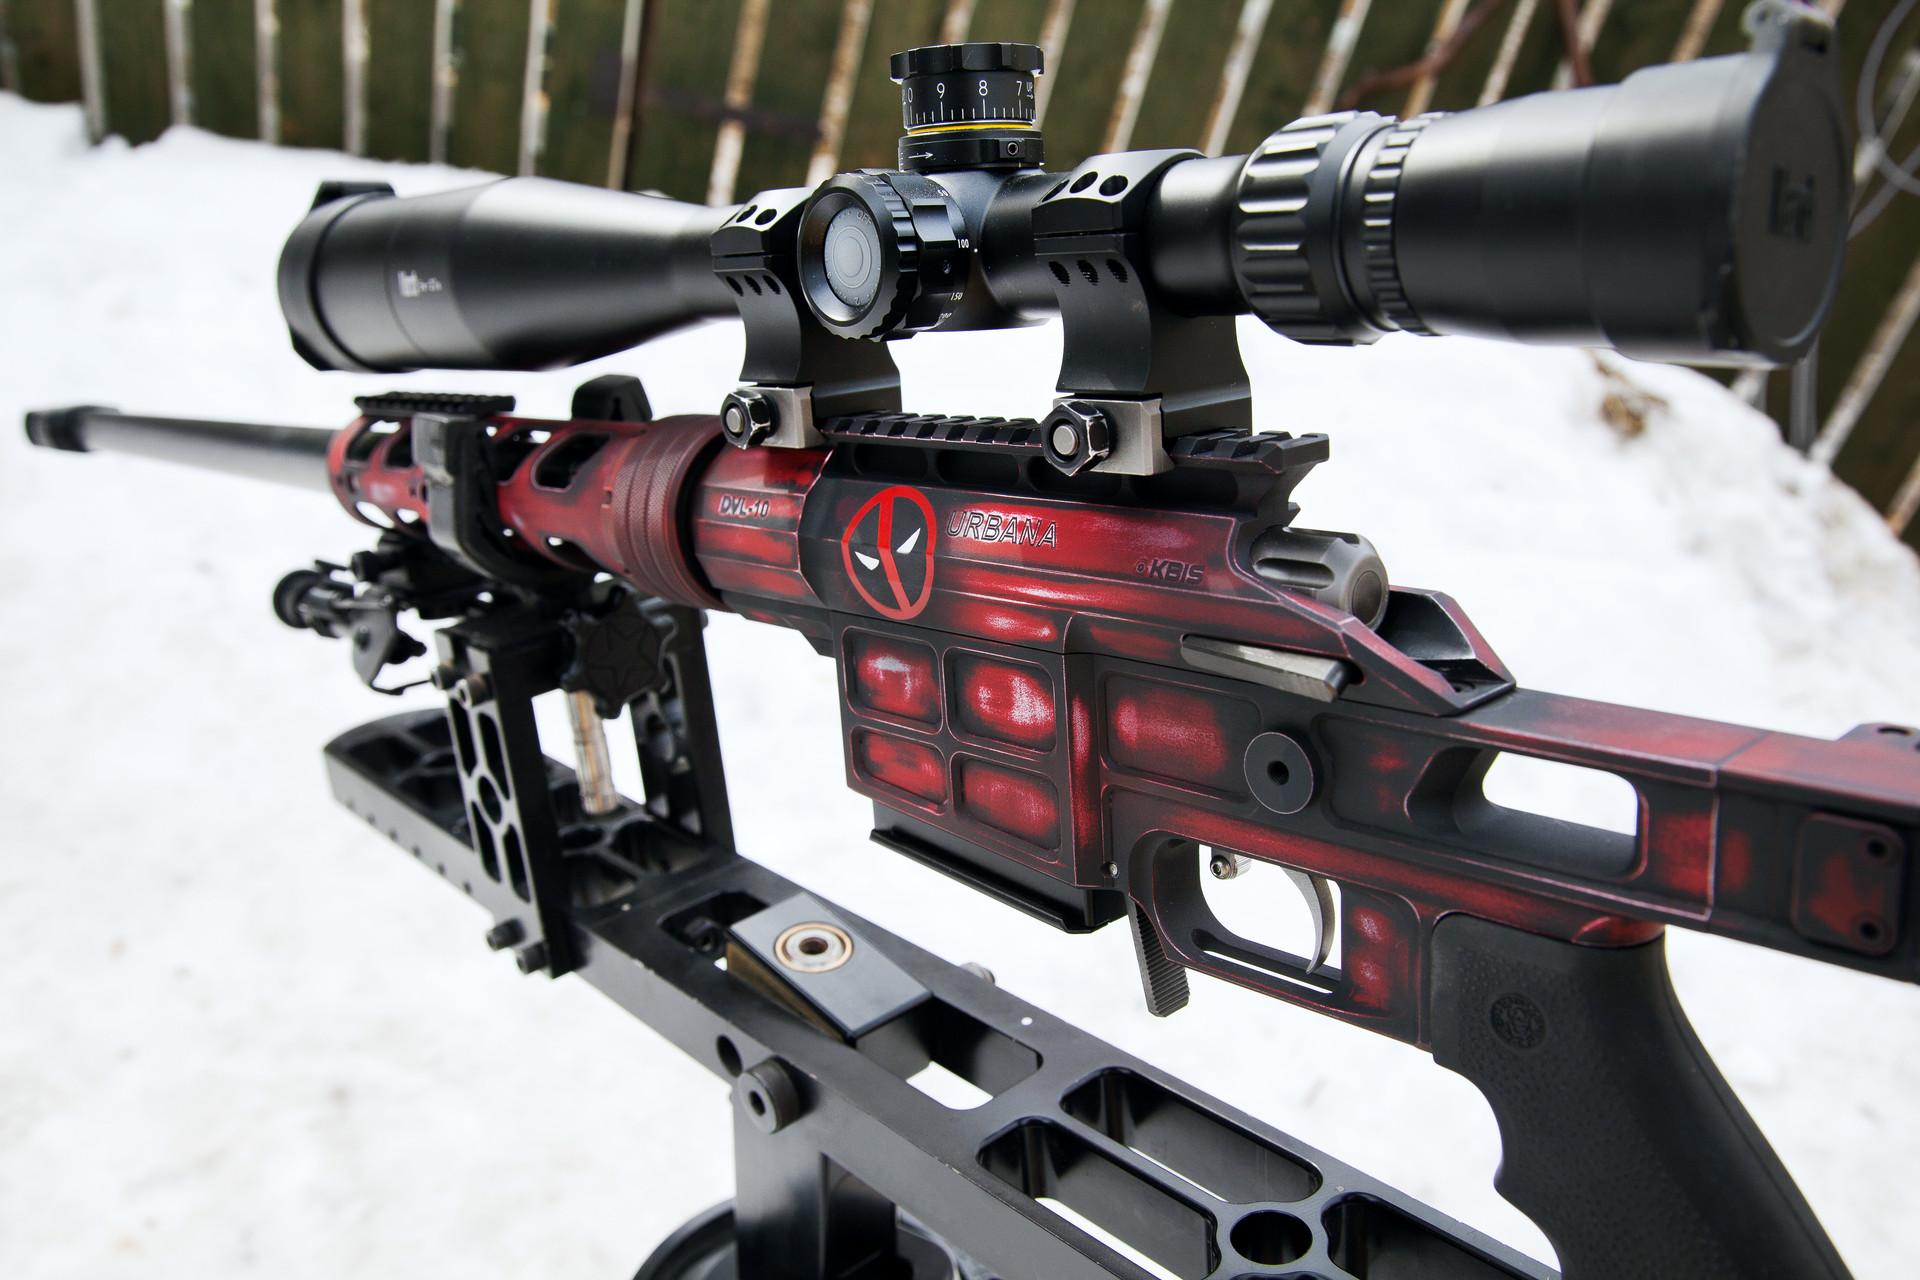 Lahka taktična ostrostrelska puška DVL-10 M2 Urbana.